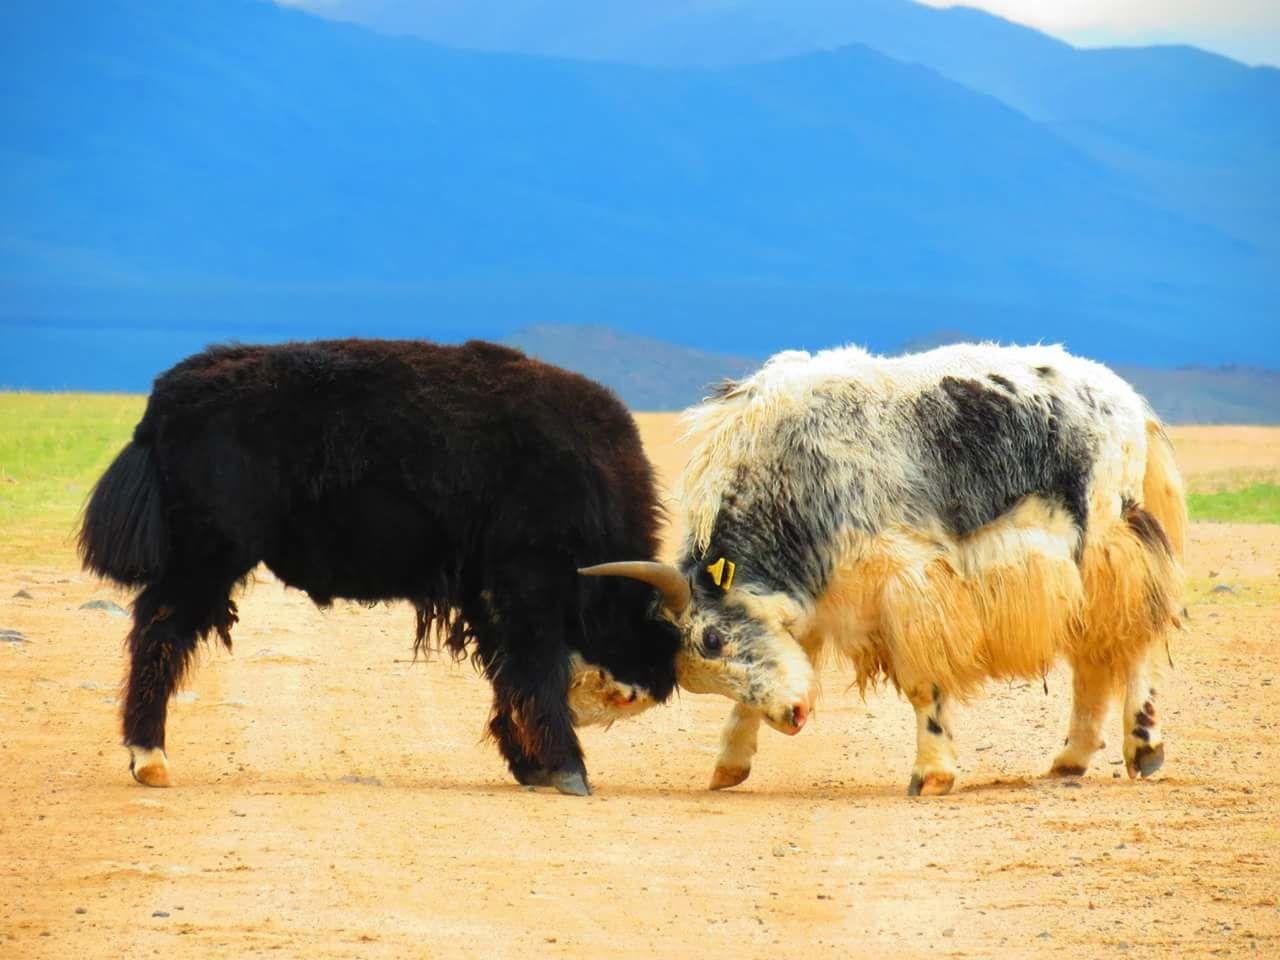 Yaks Fighting On Field